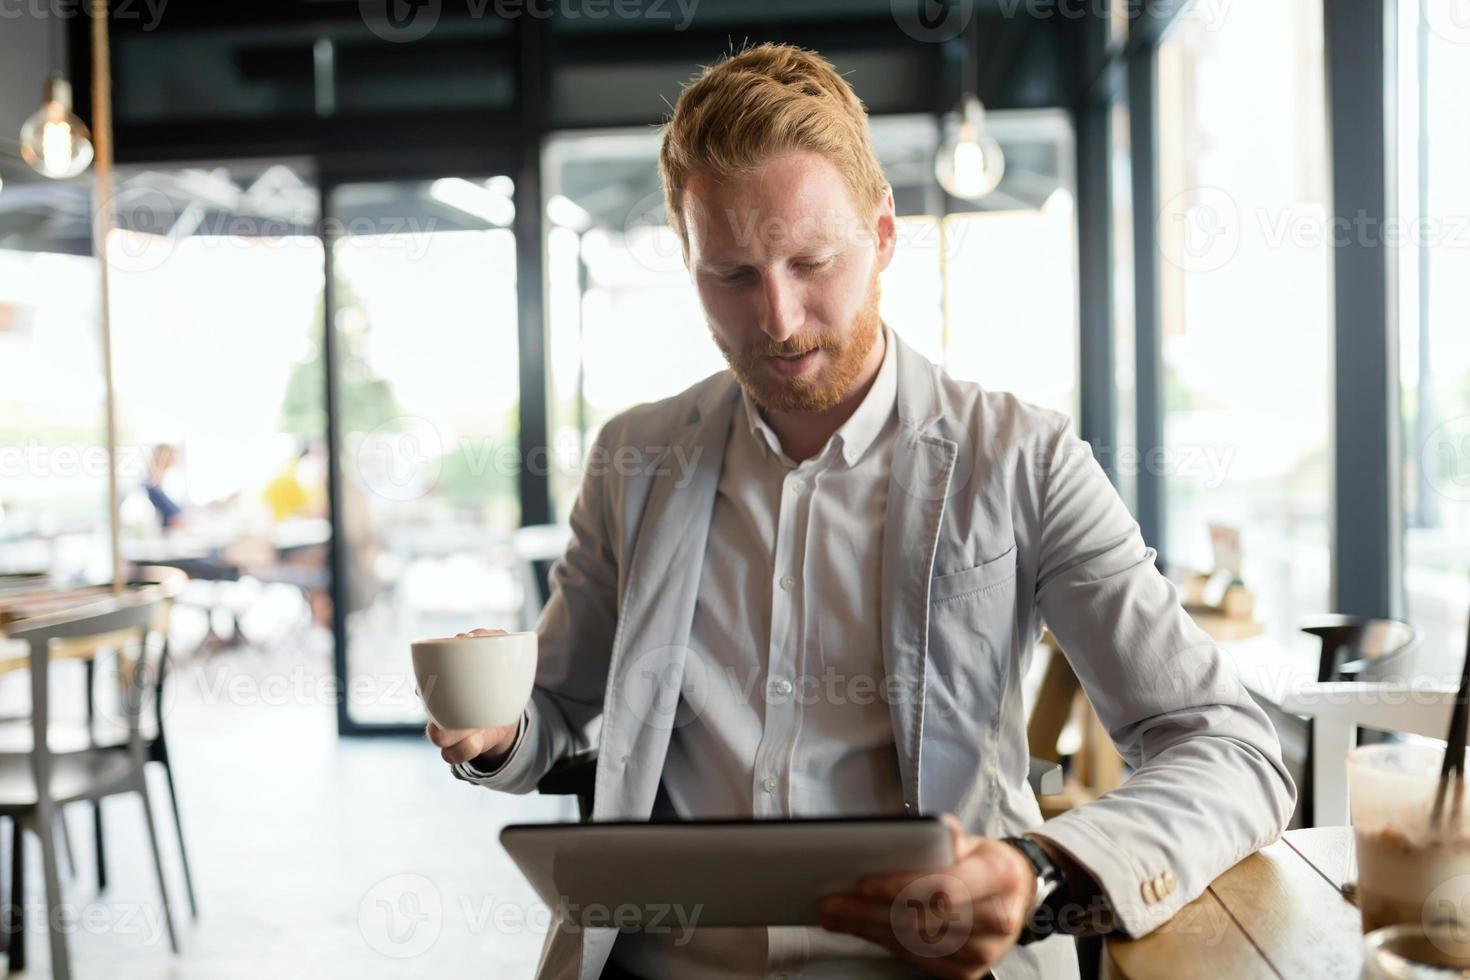 upptagen affärsman njuter av kaffe medan online foto